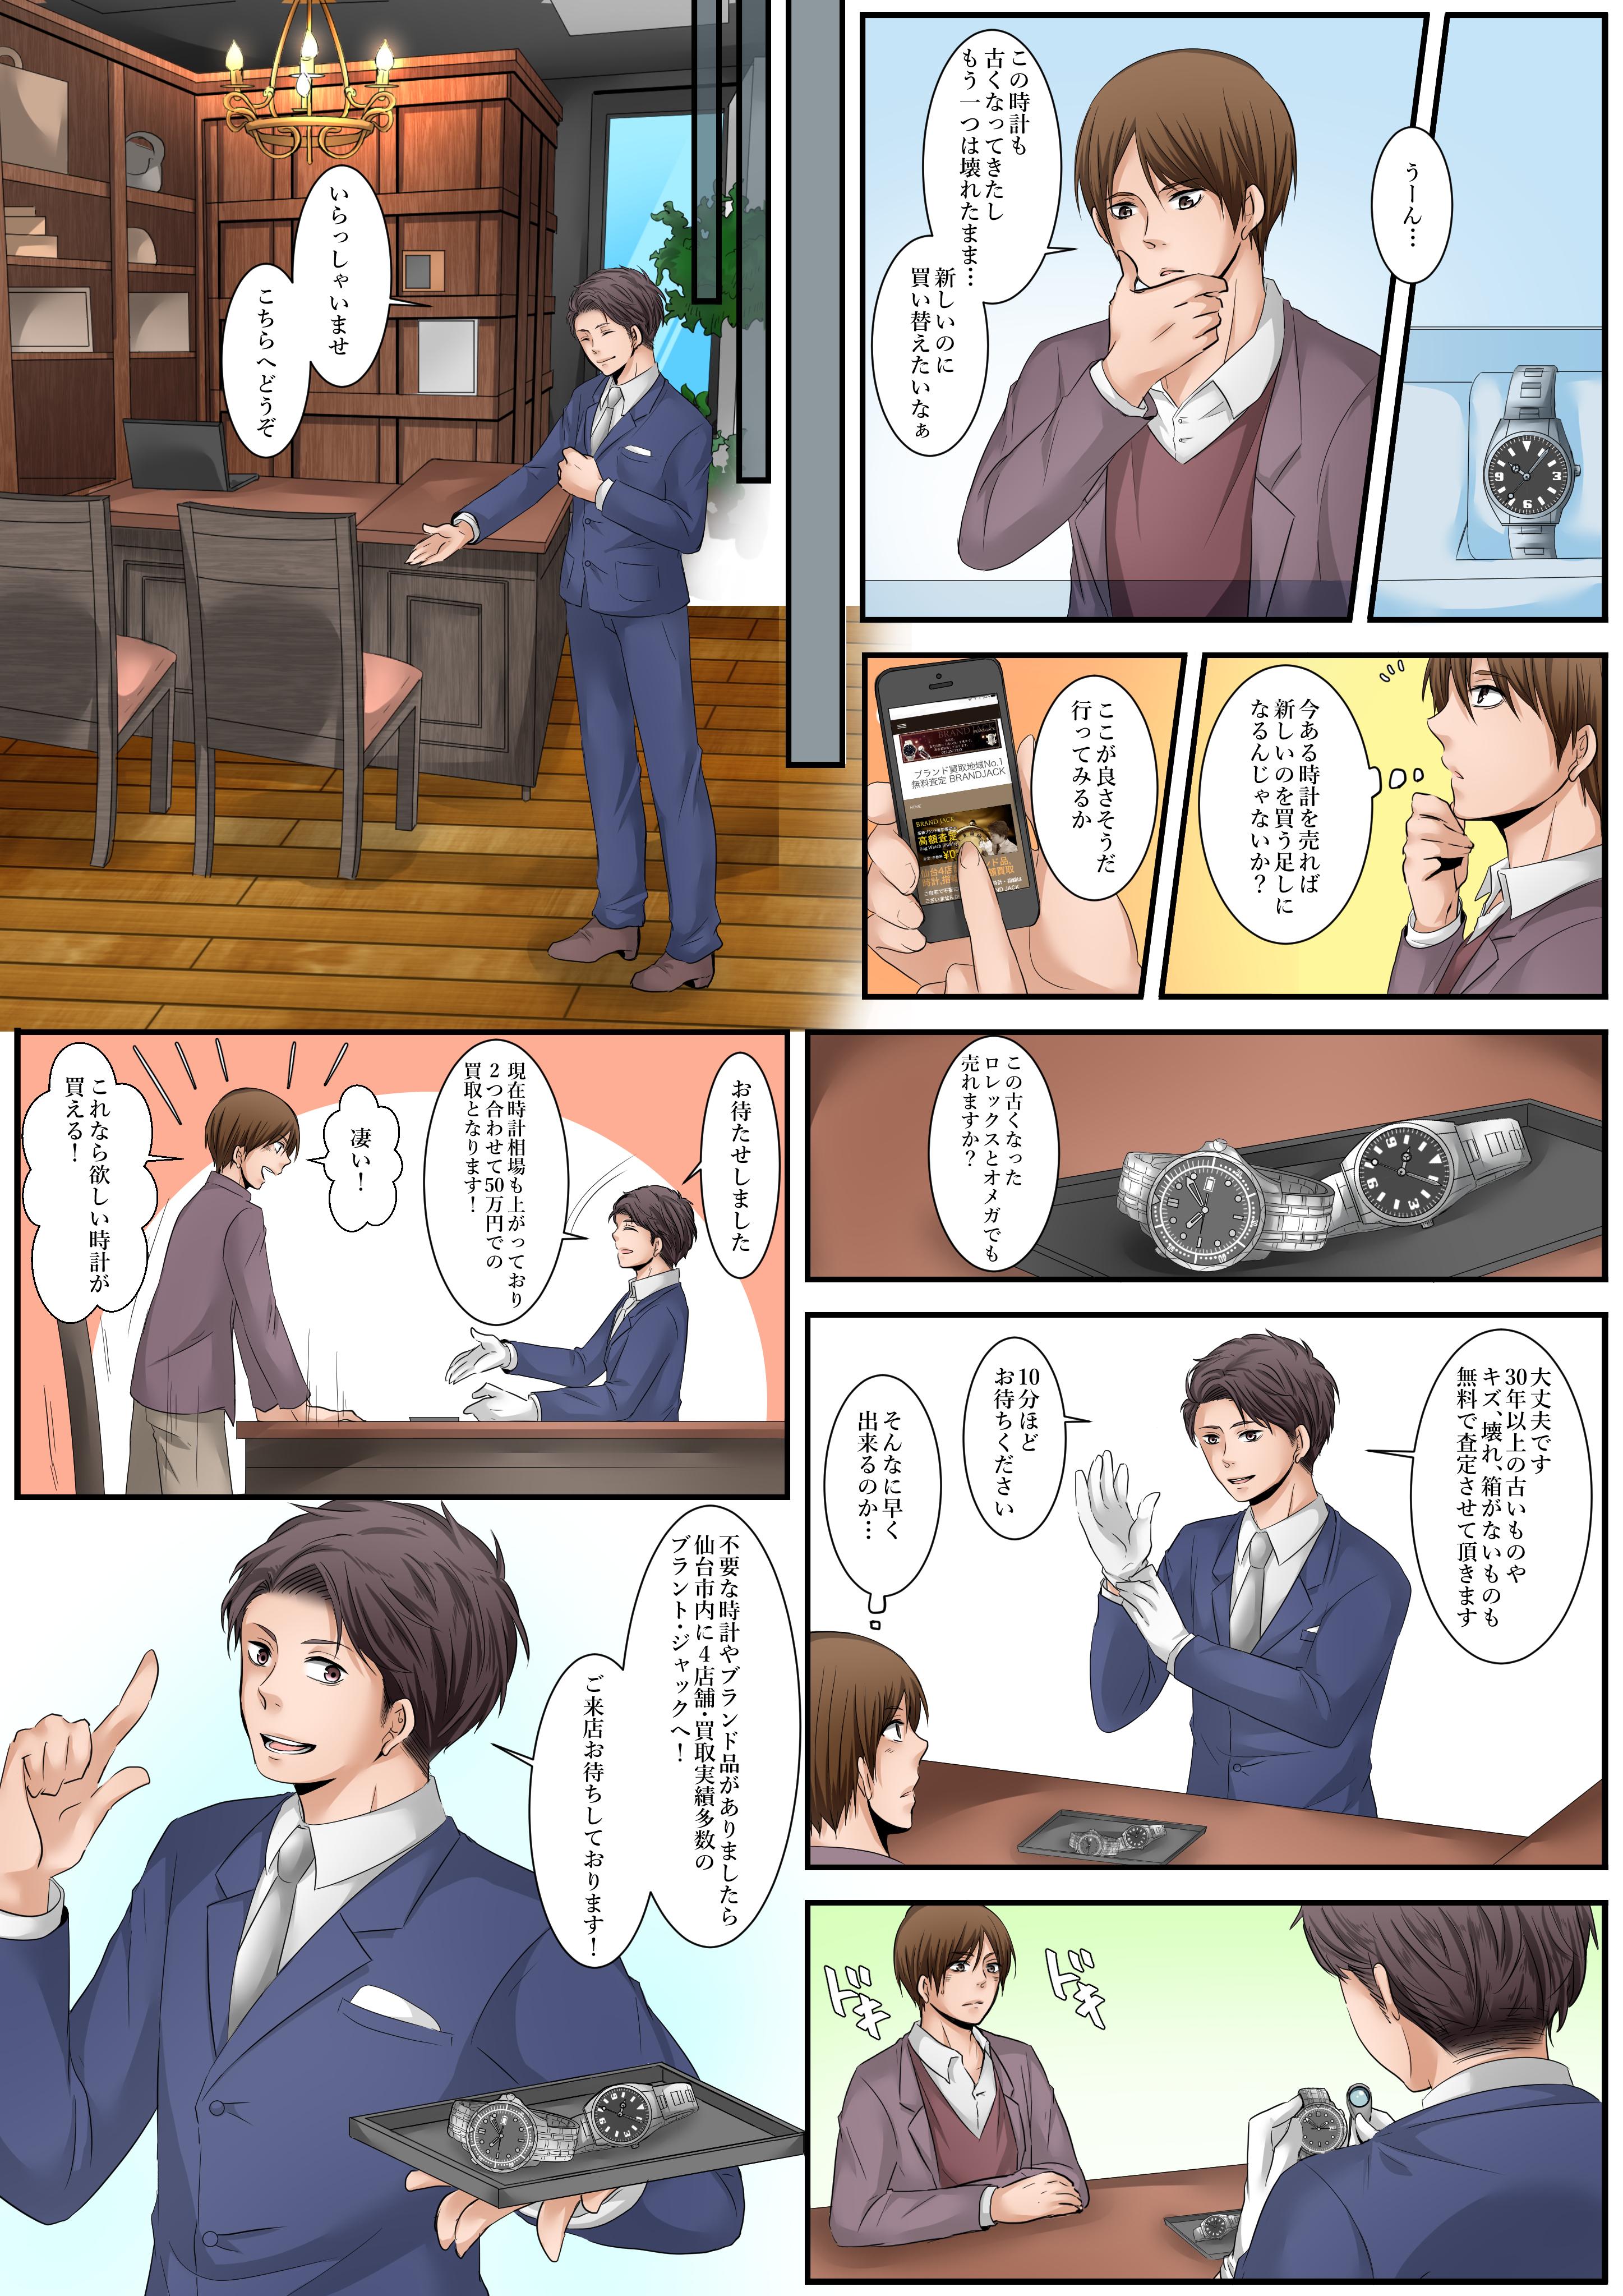 高級時計買取なら仙台のブランド・ジャック|マンガ